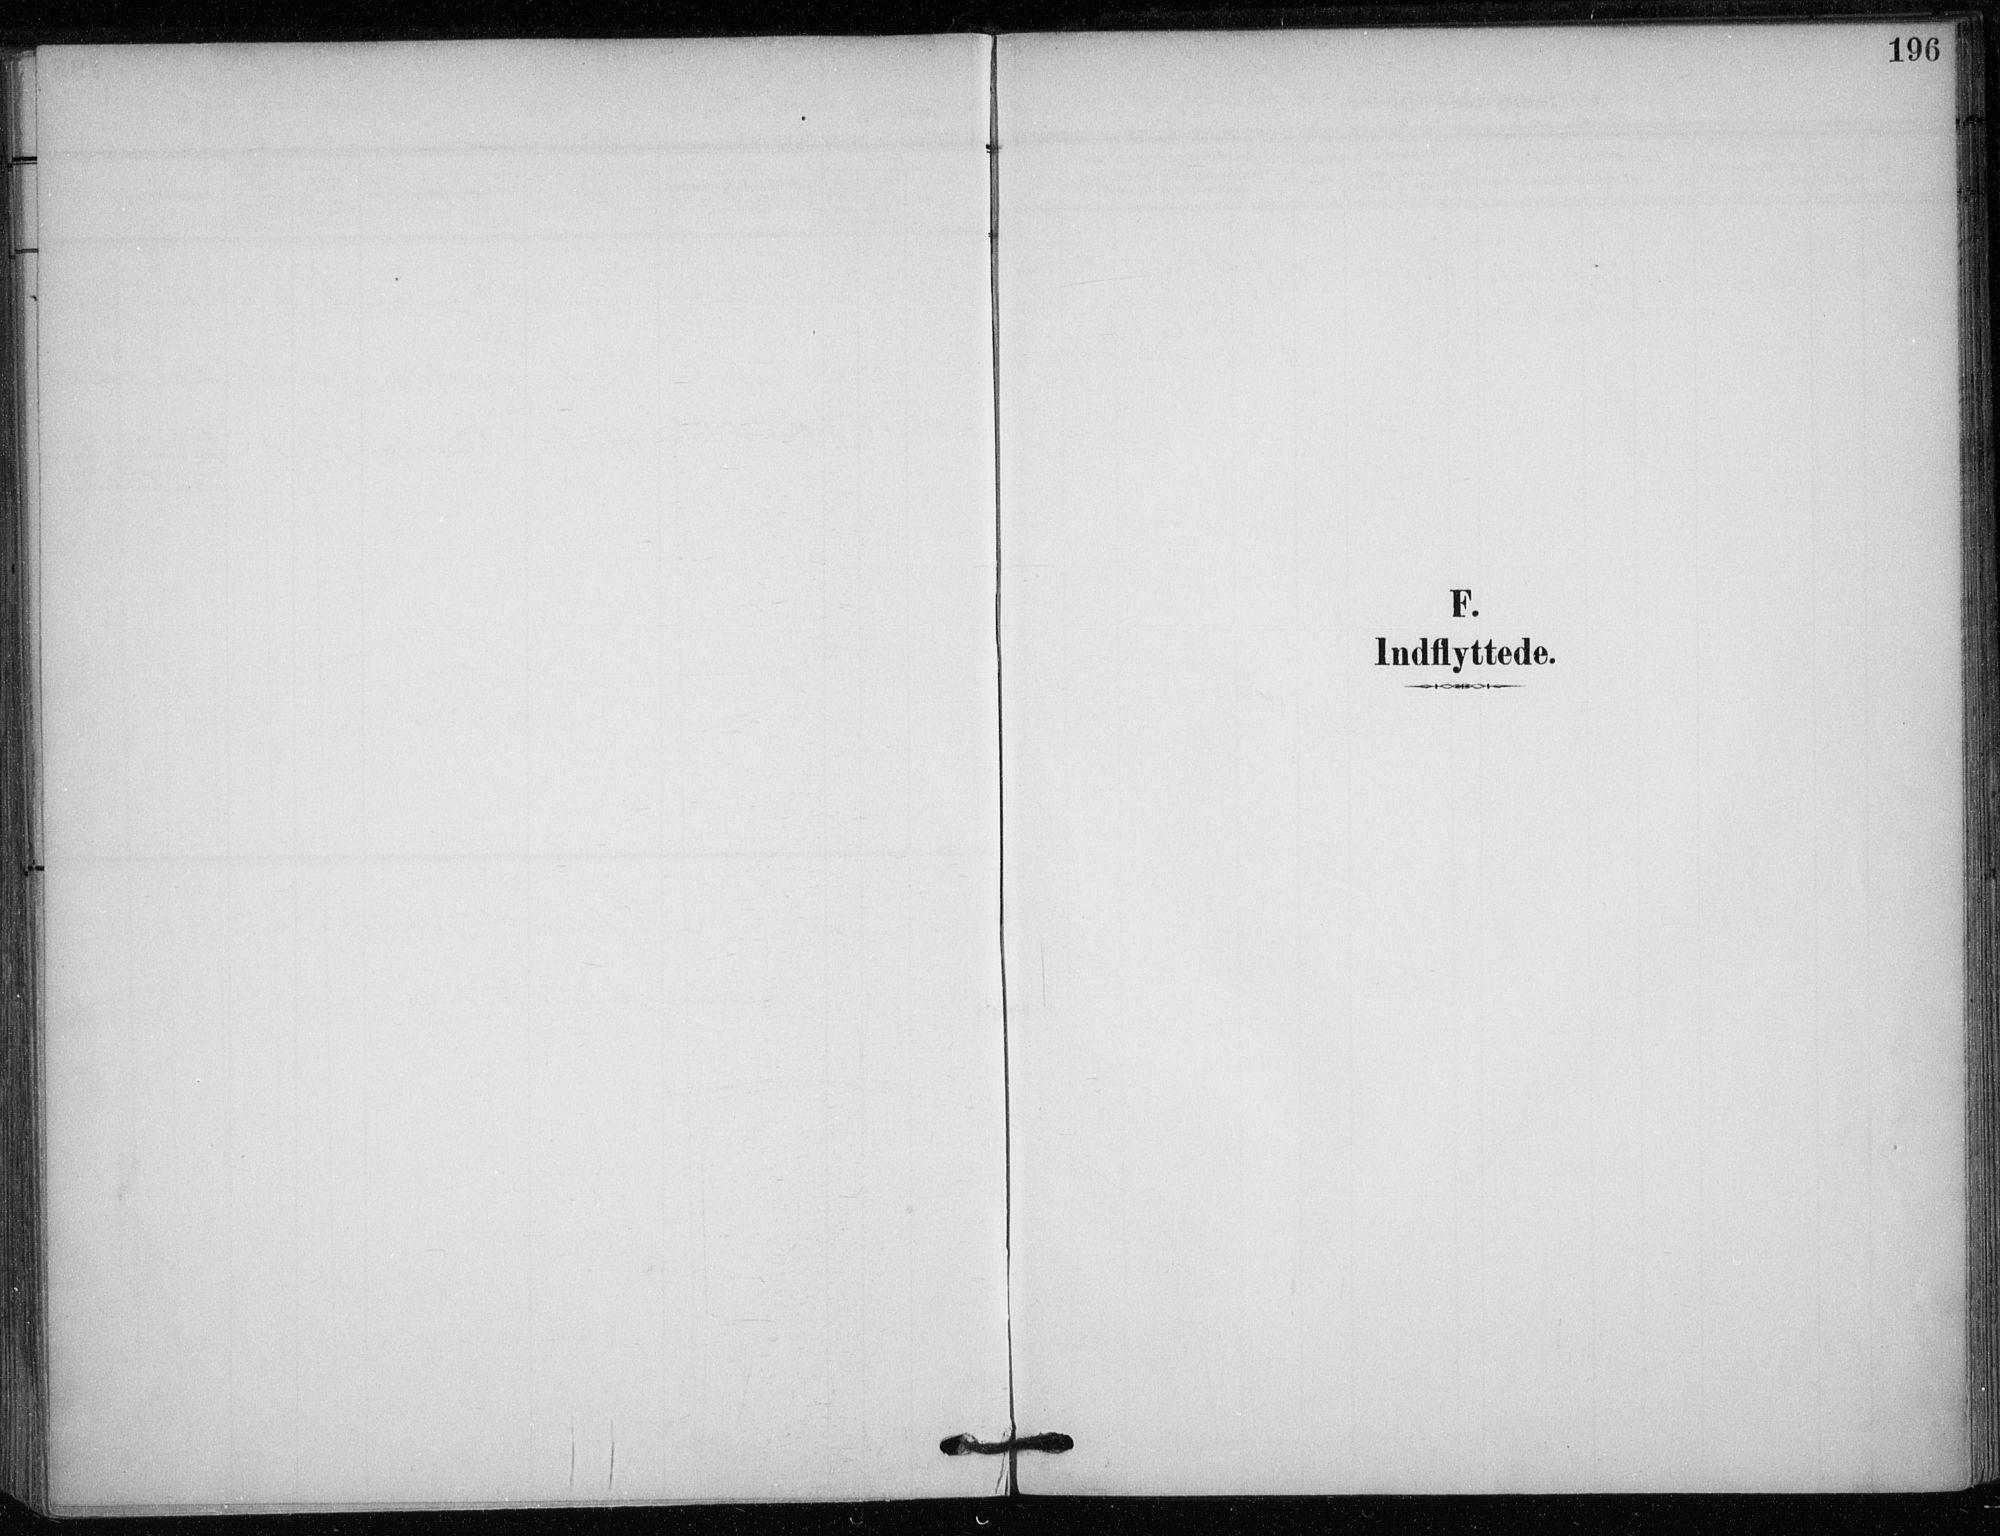 SATØ, Hammerfest sokneprestkontor, H/Ha/L0014.kirke: Ministerialbok nr. 14, 1906-1916, s. 196